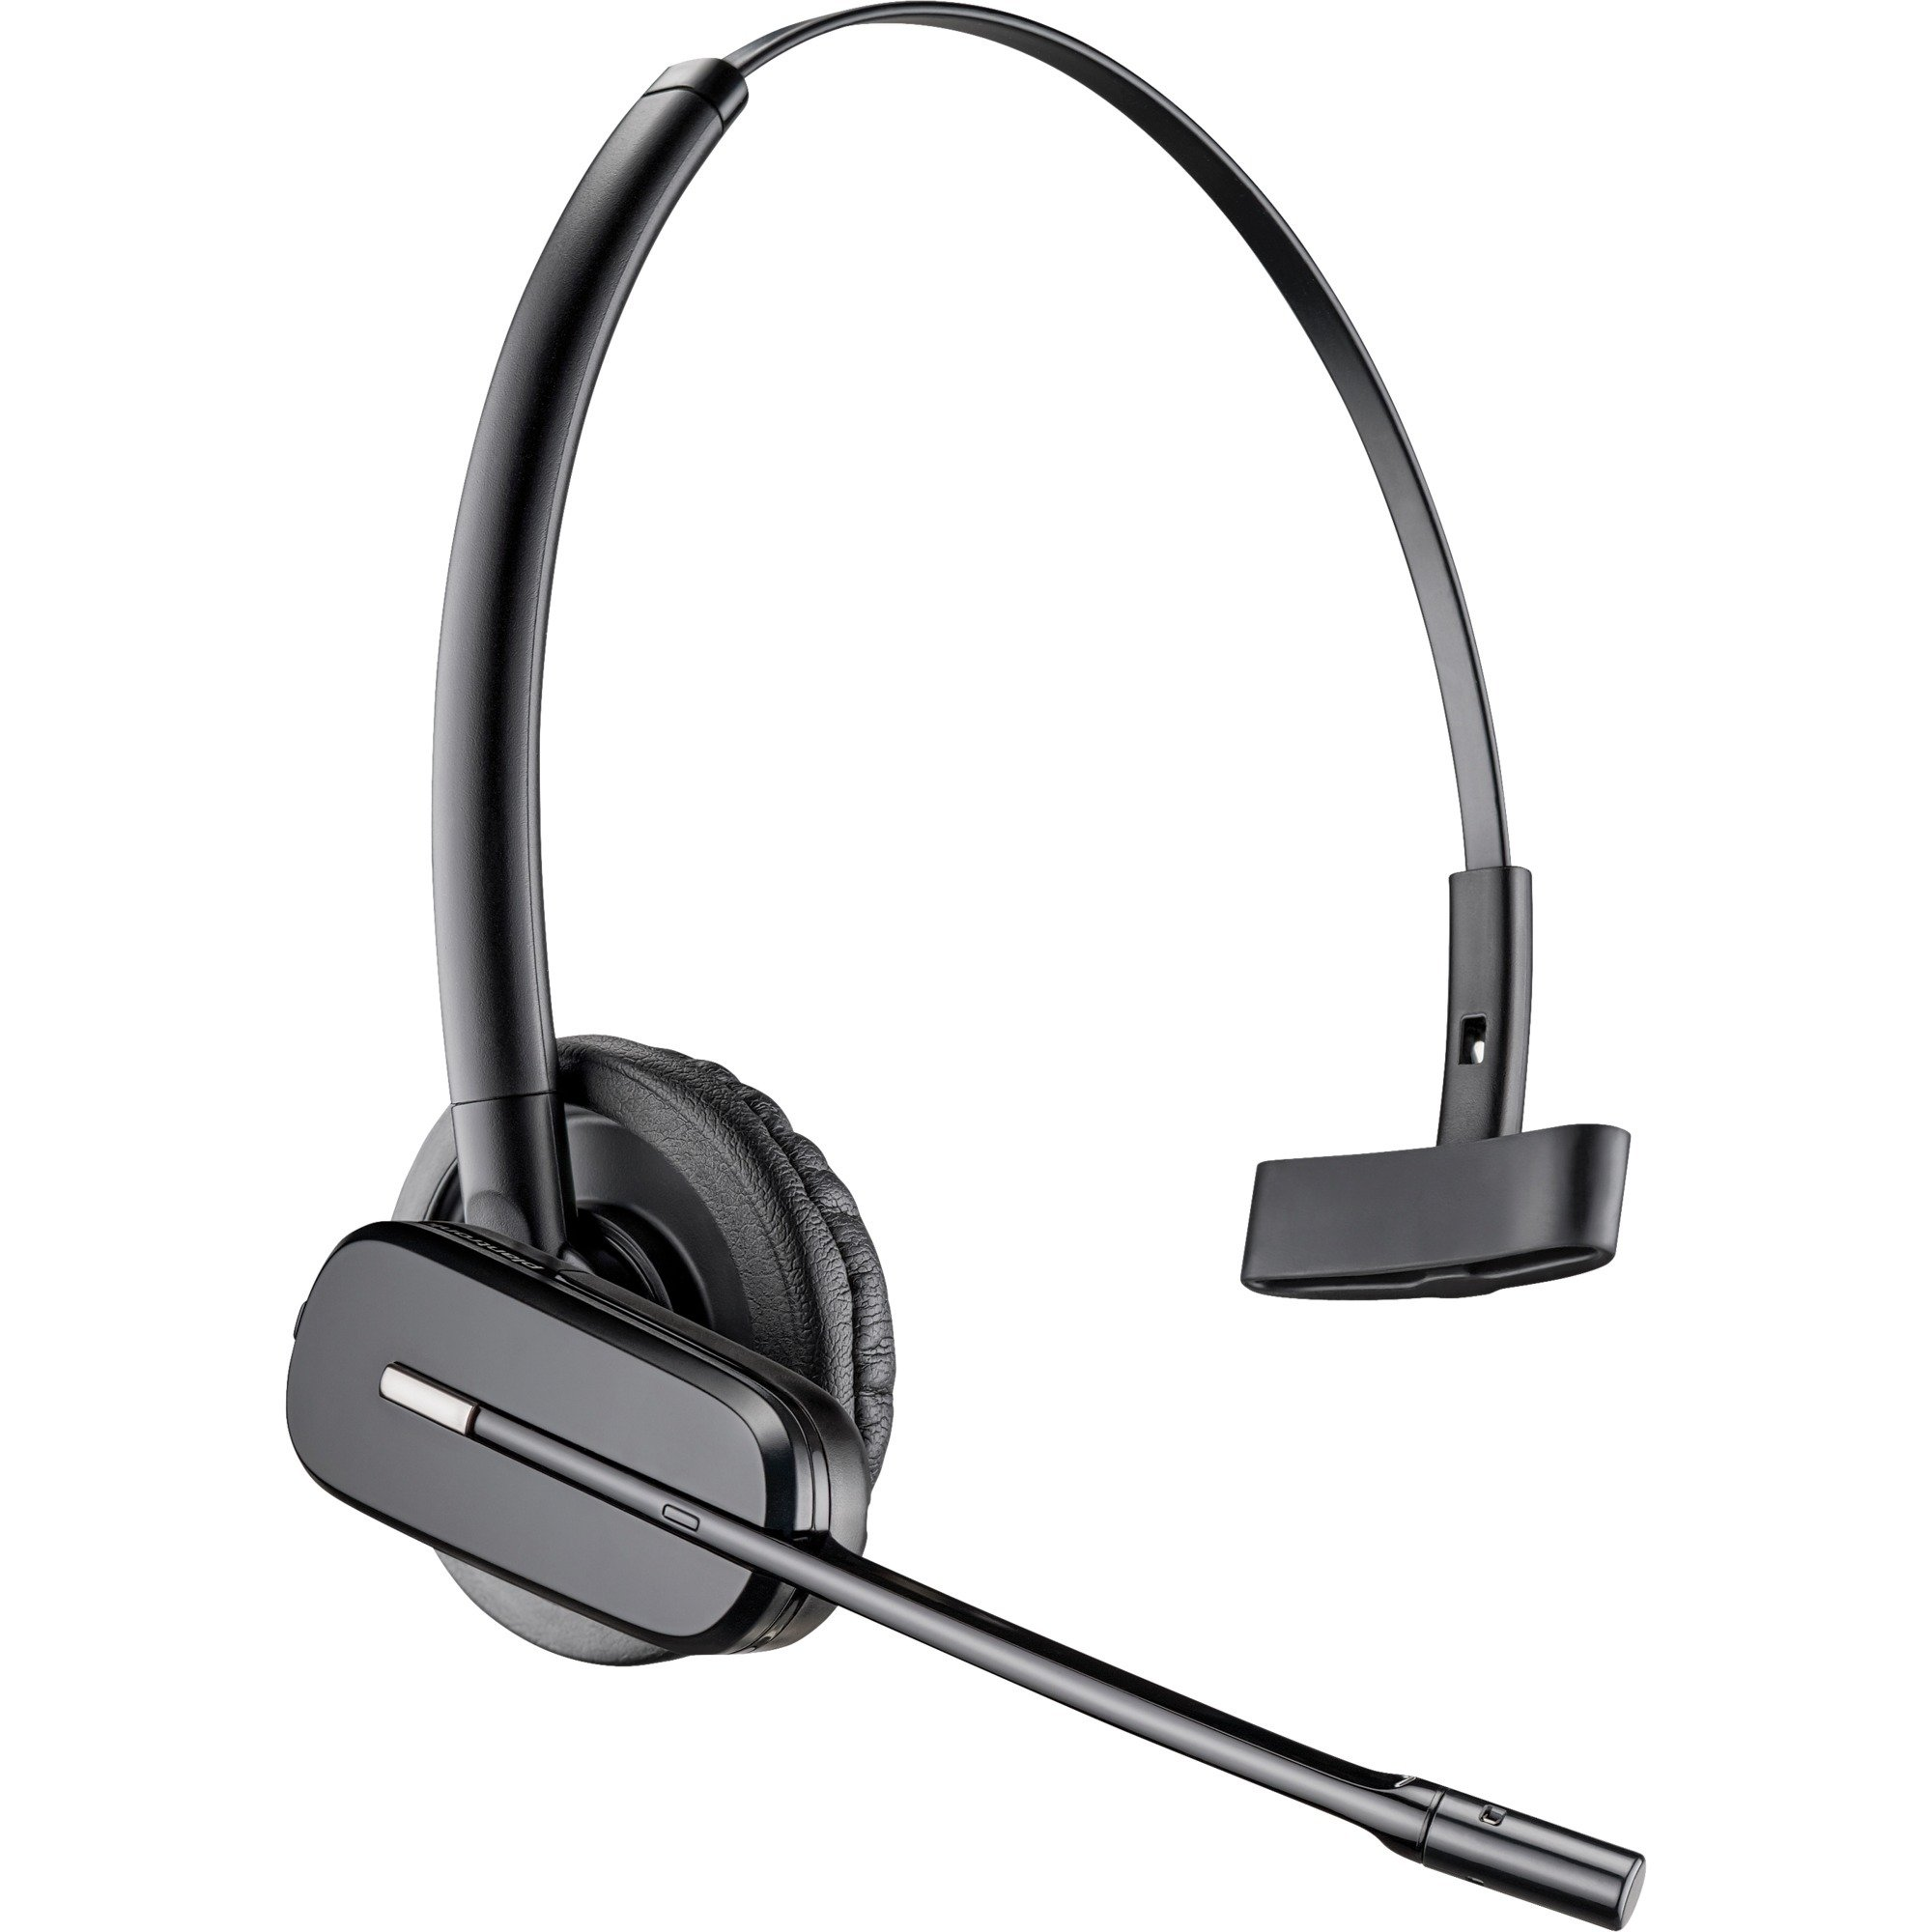 C565 gancho de oreja, Diadema Monoaural Negro auriculares para móvil, Auriculares con micrófono